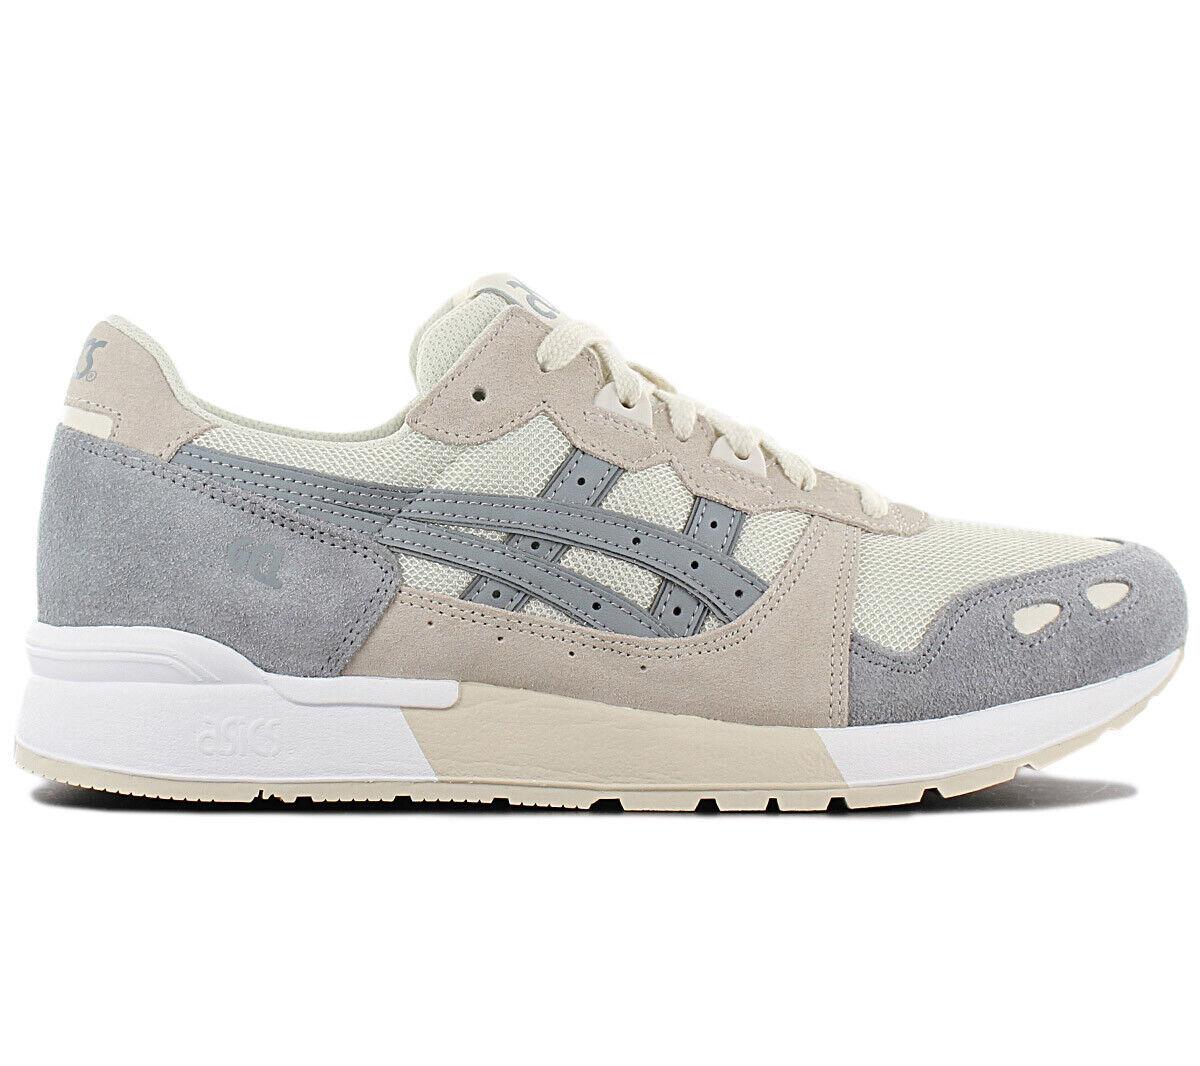 Asics Tiger gel-Lyte calcetines cortos zapatos gris h8c0l-0211  zapatillas zapato deportivo  precio al por mayor